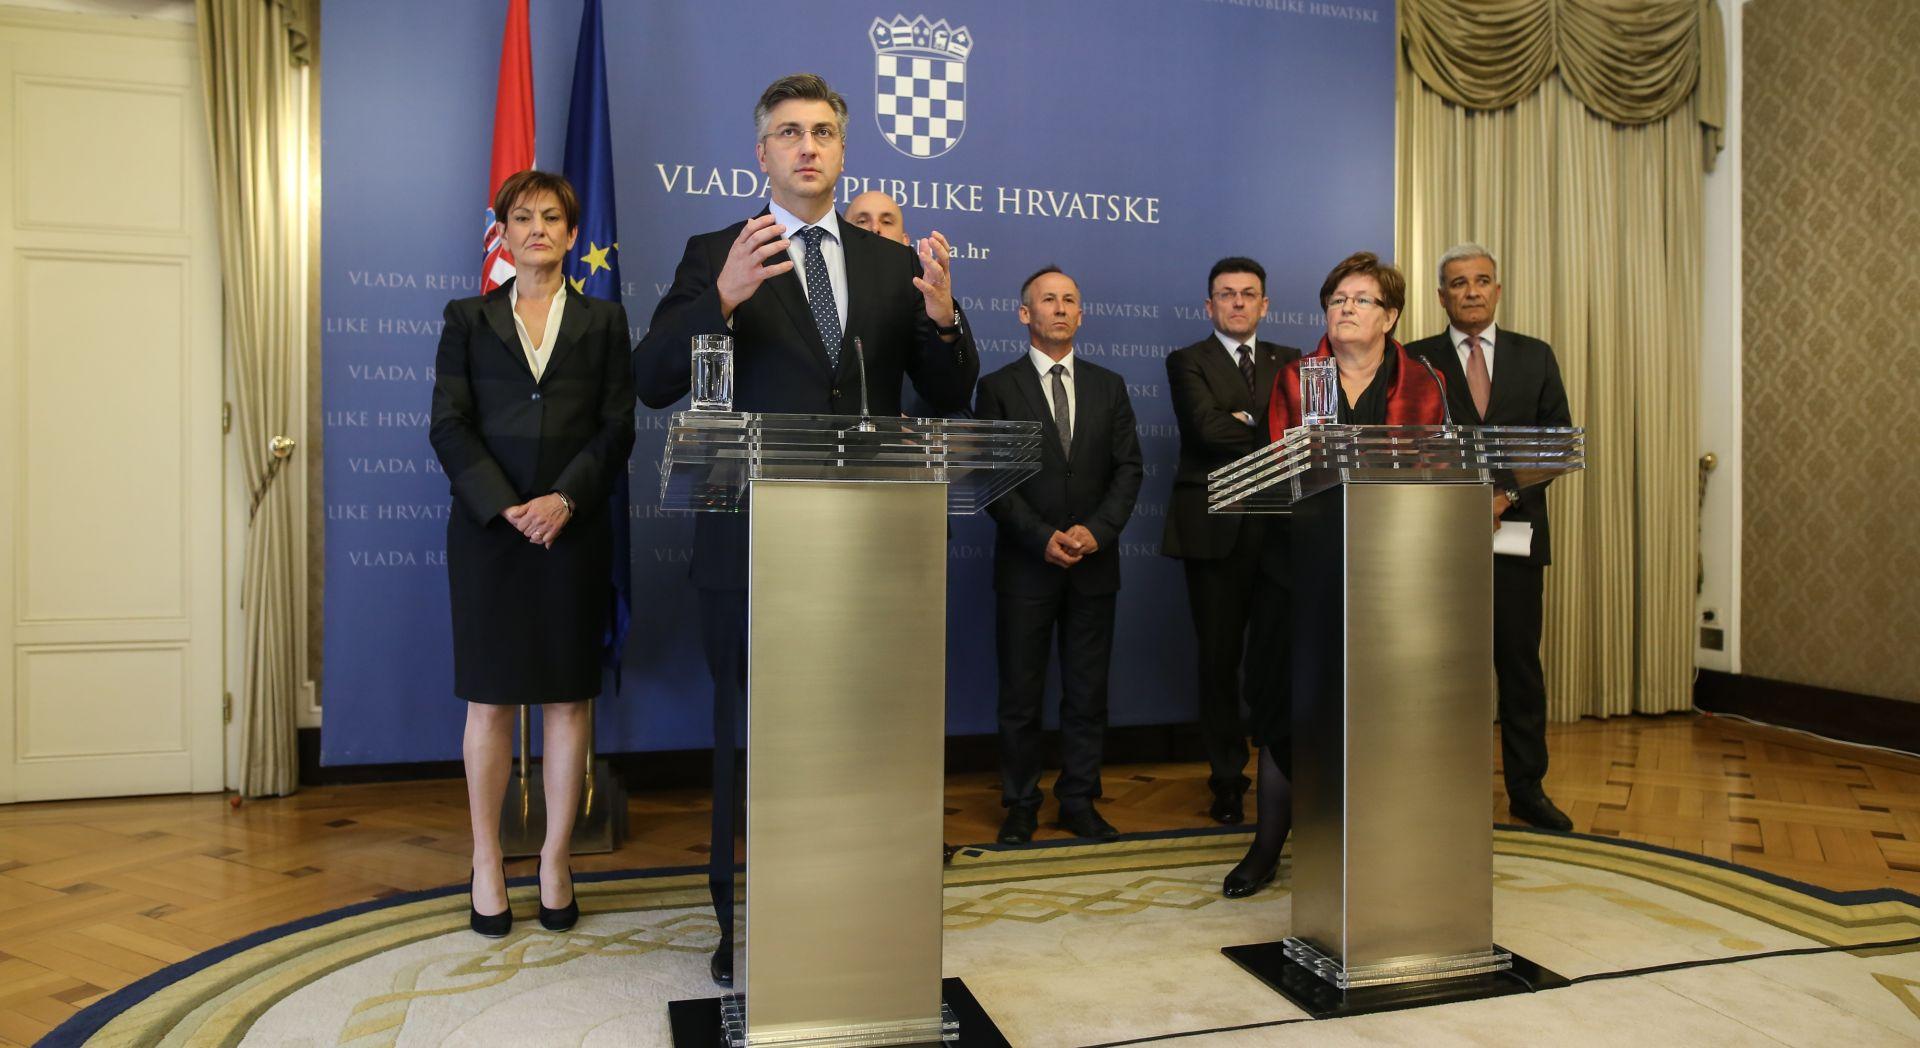 AGROKOR Plenković: 'Most je u cijelosti stao iza izbora Ramljaka i zakona'